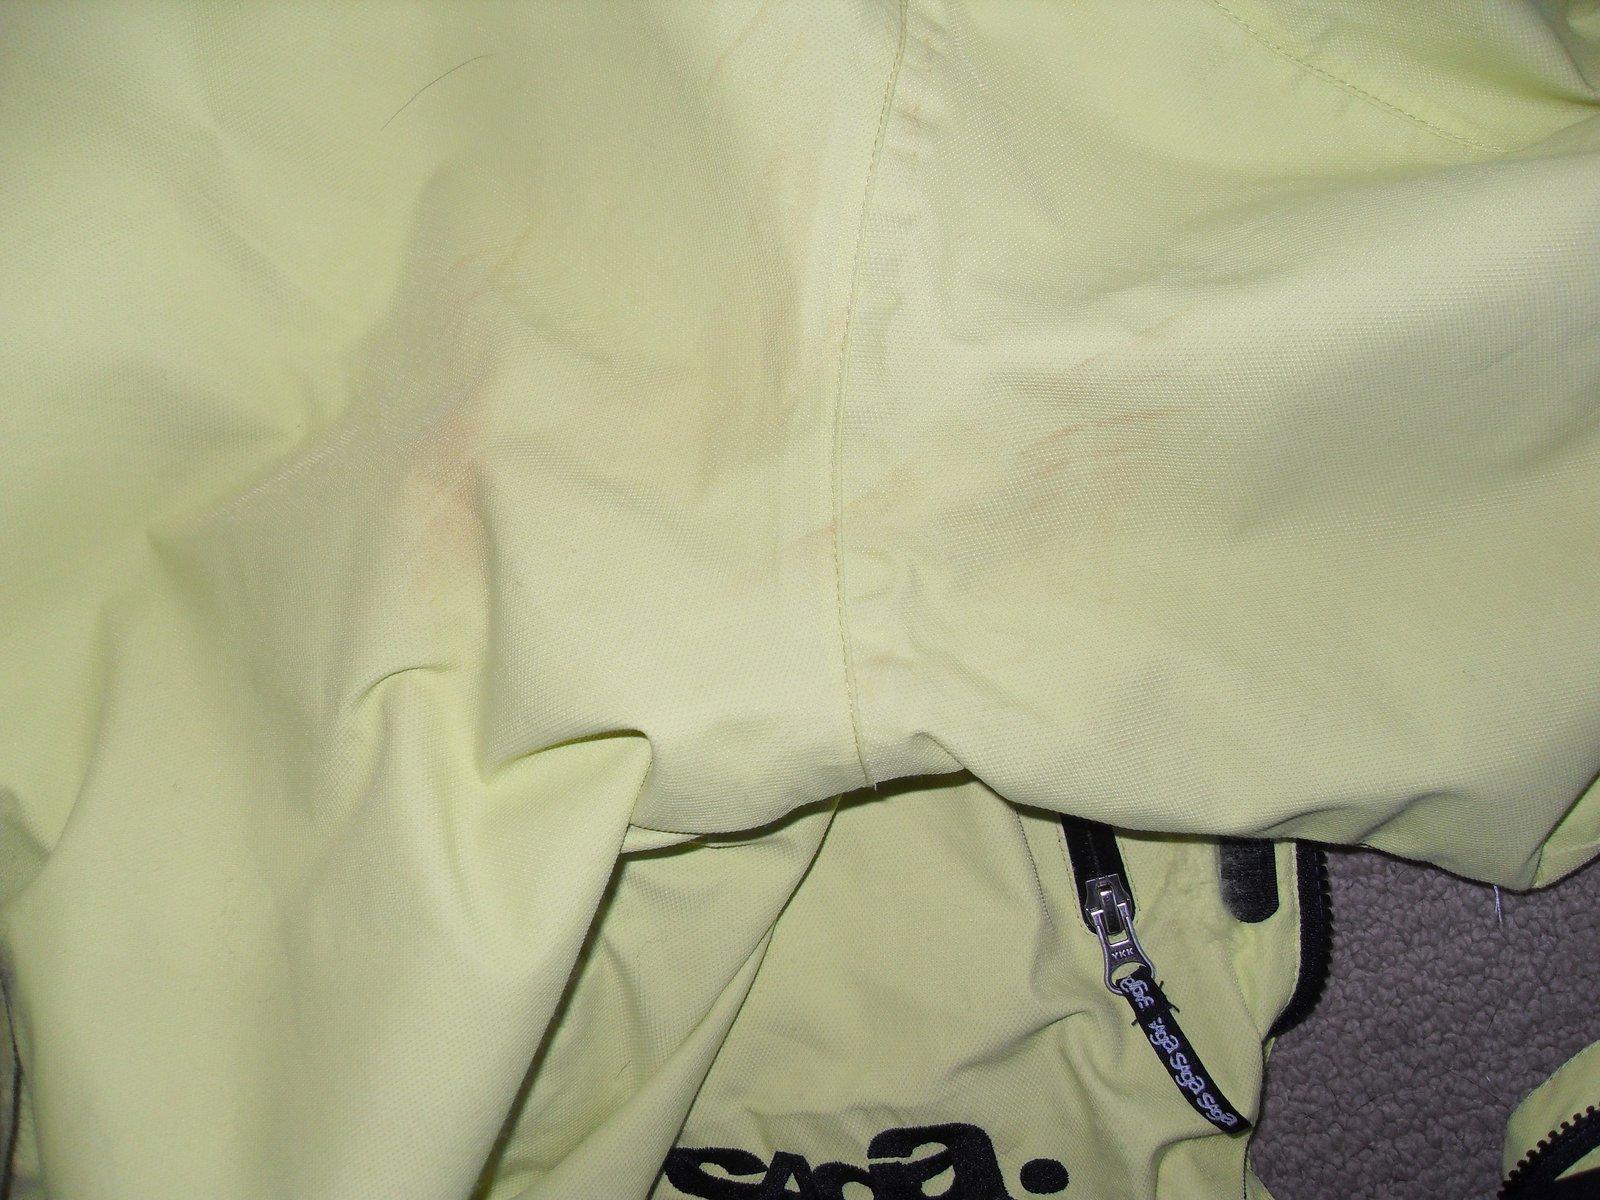 Rail stain